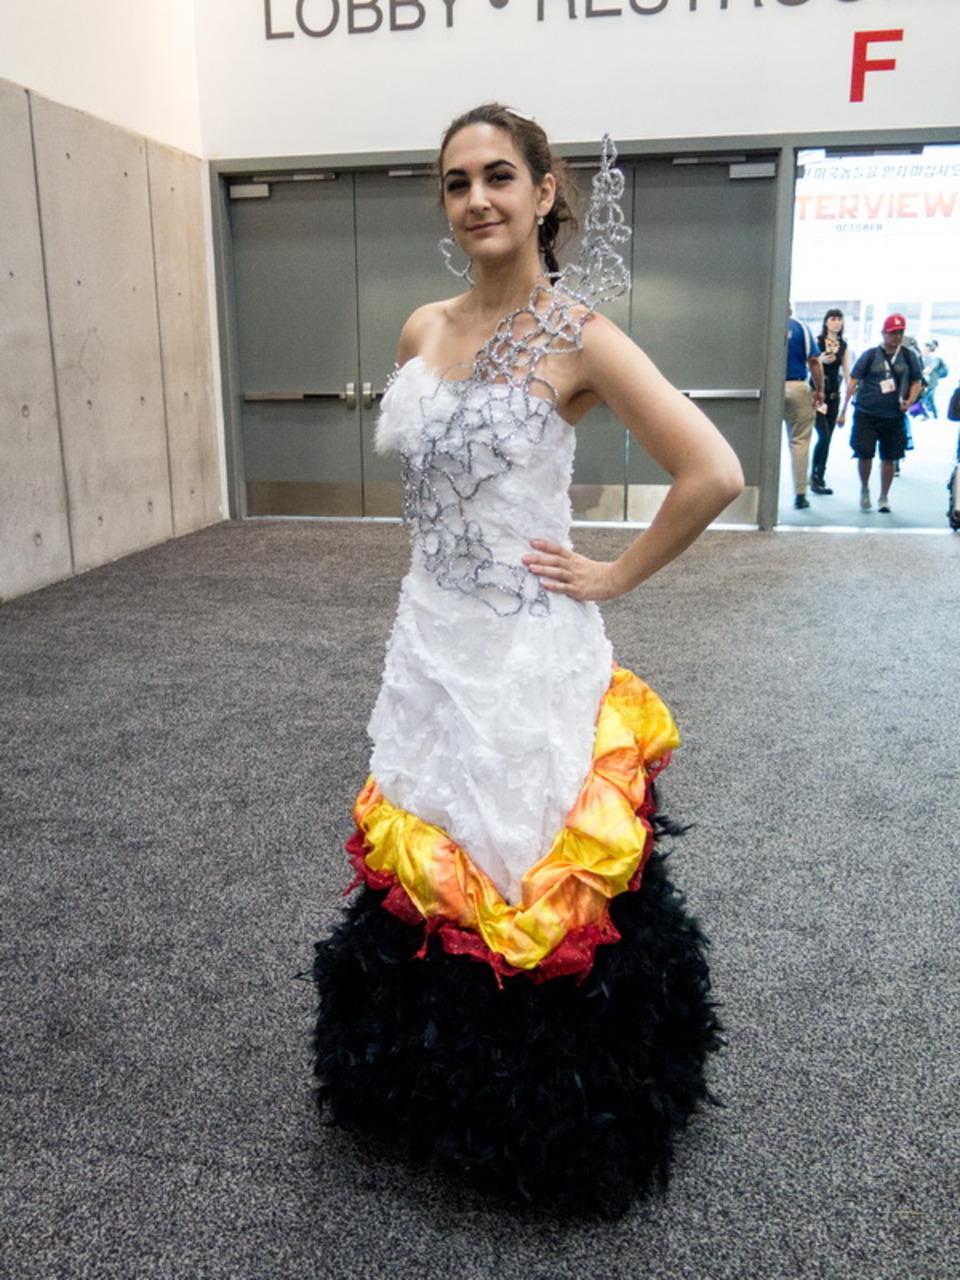 Katniss Mockingjay Dress Costume The Designer Behind The Wild